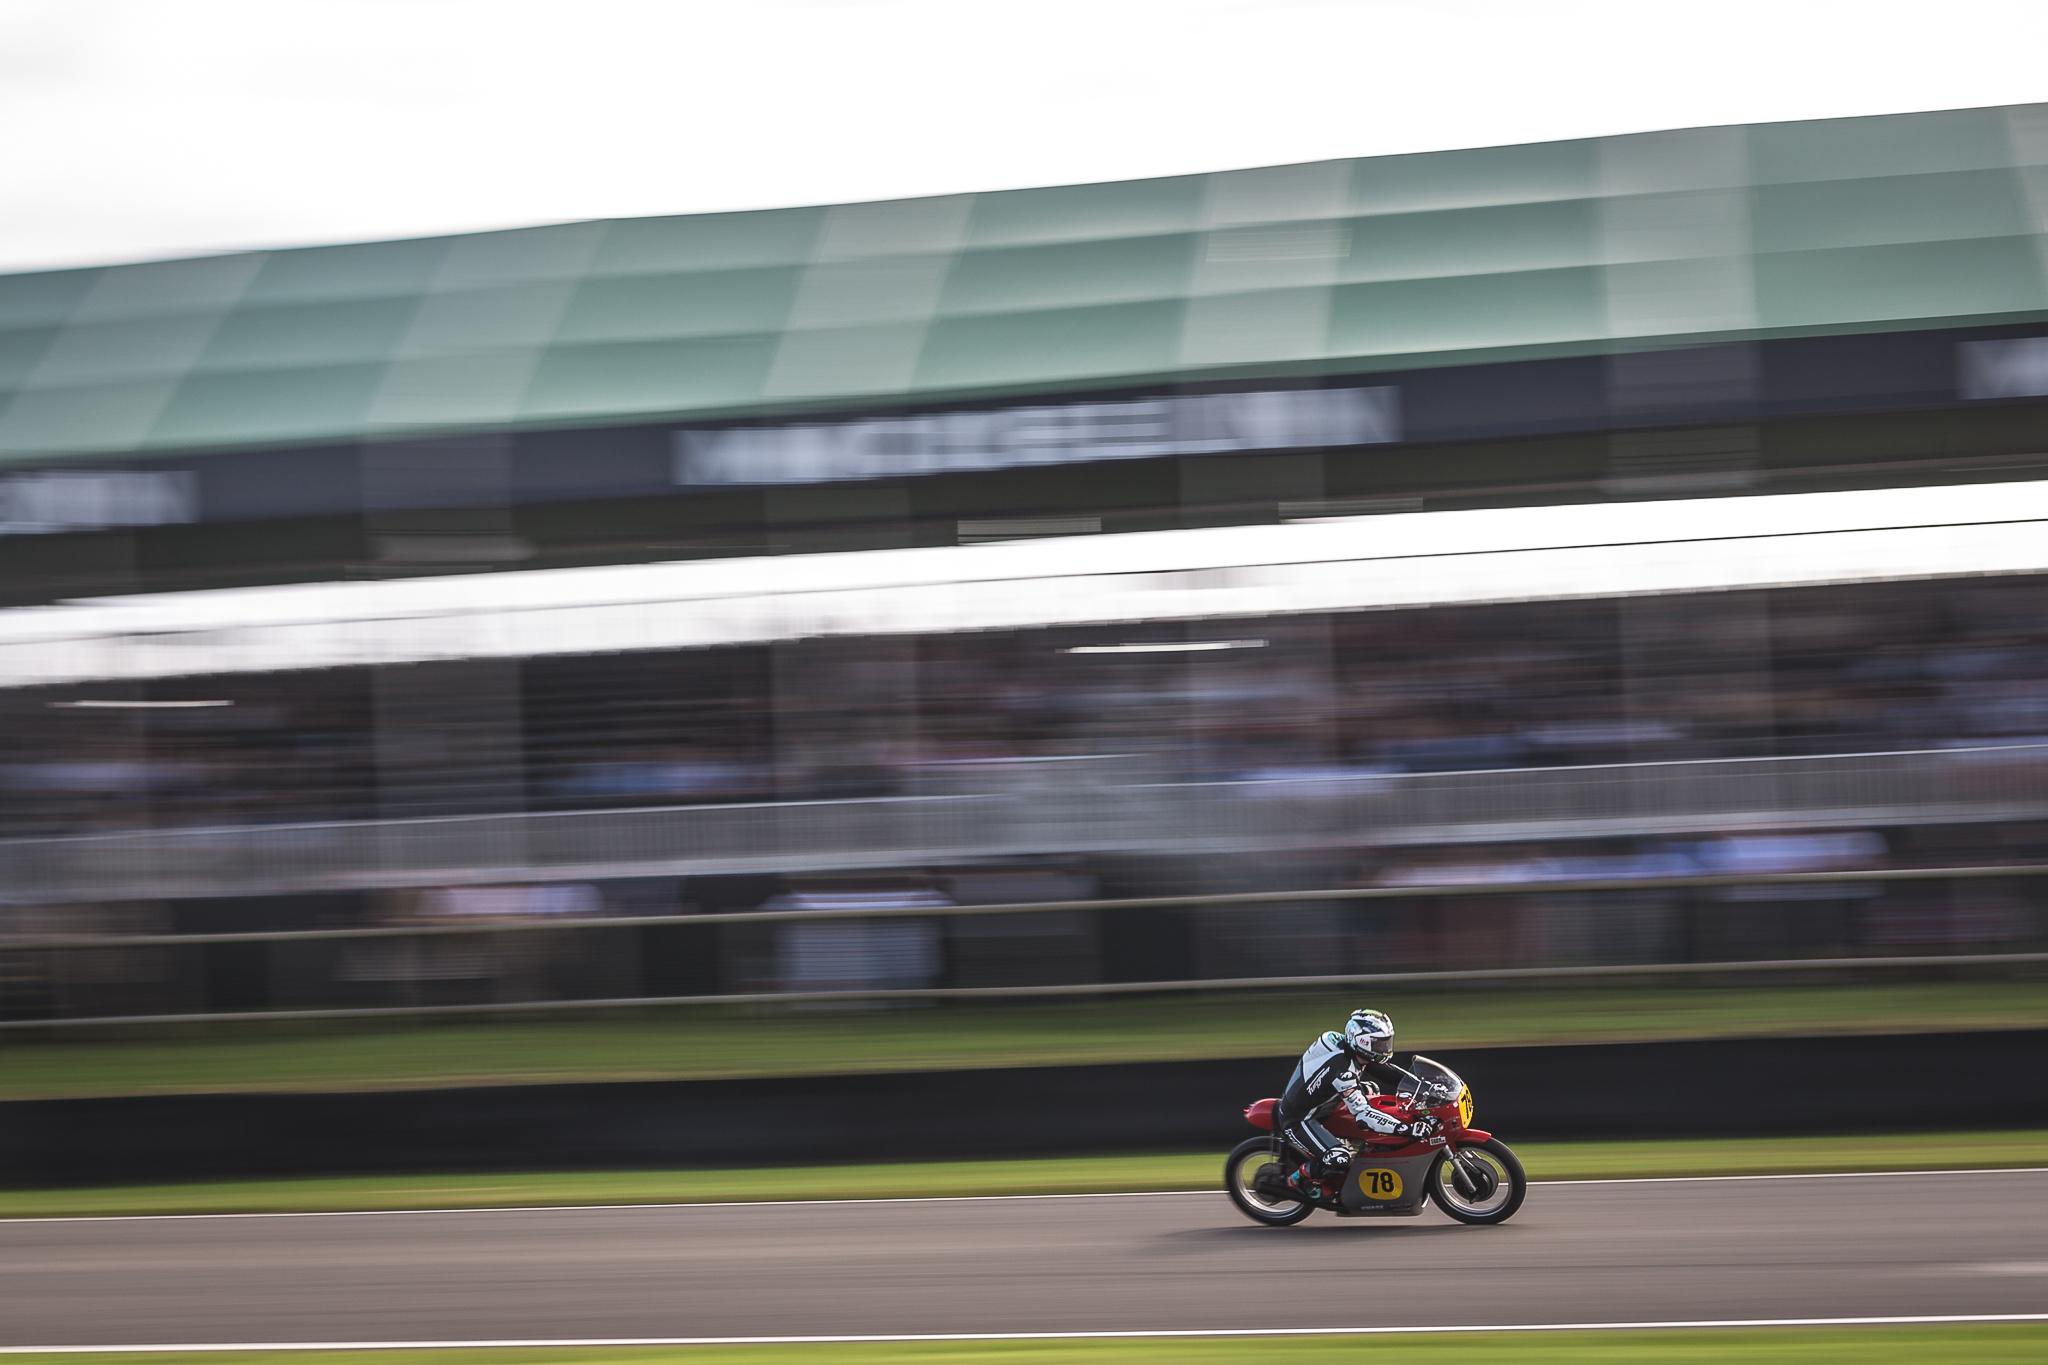 Michael Dunlop riding MV Agusta 500/3